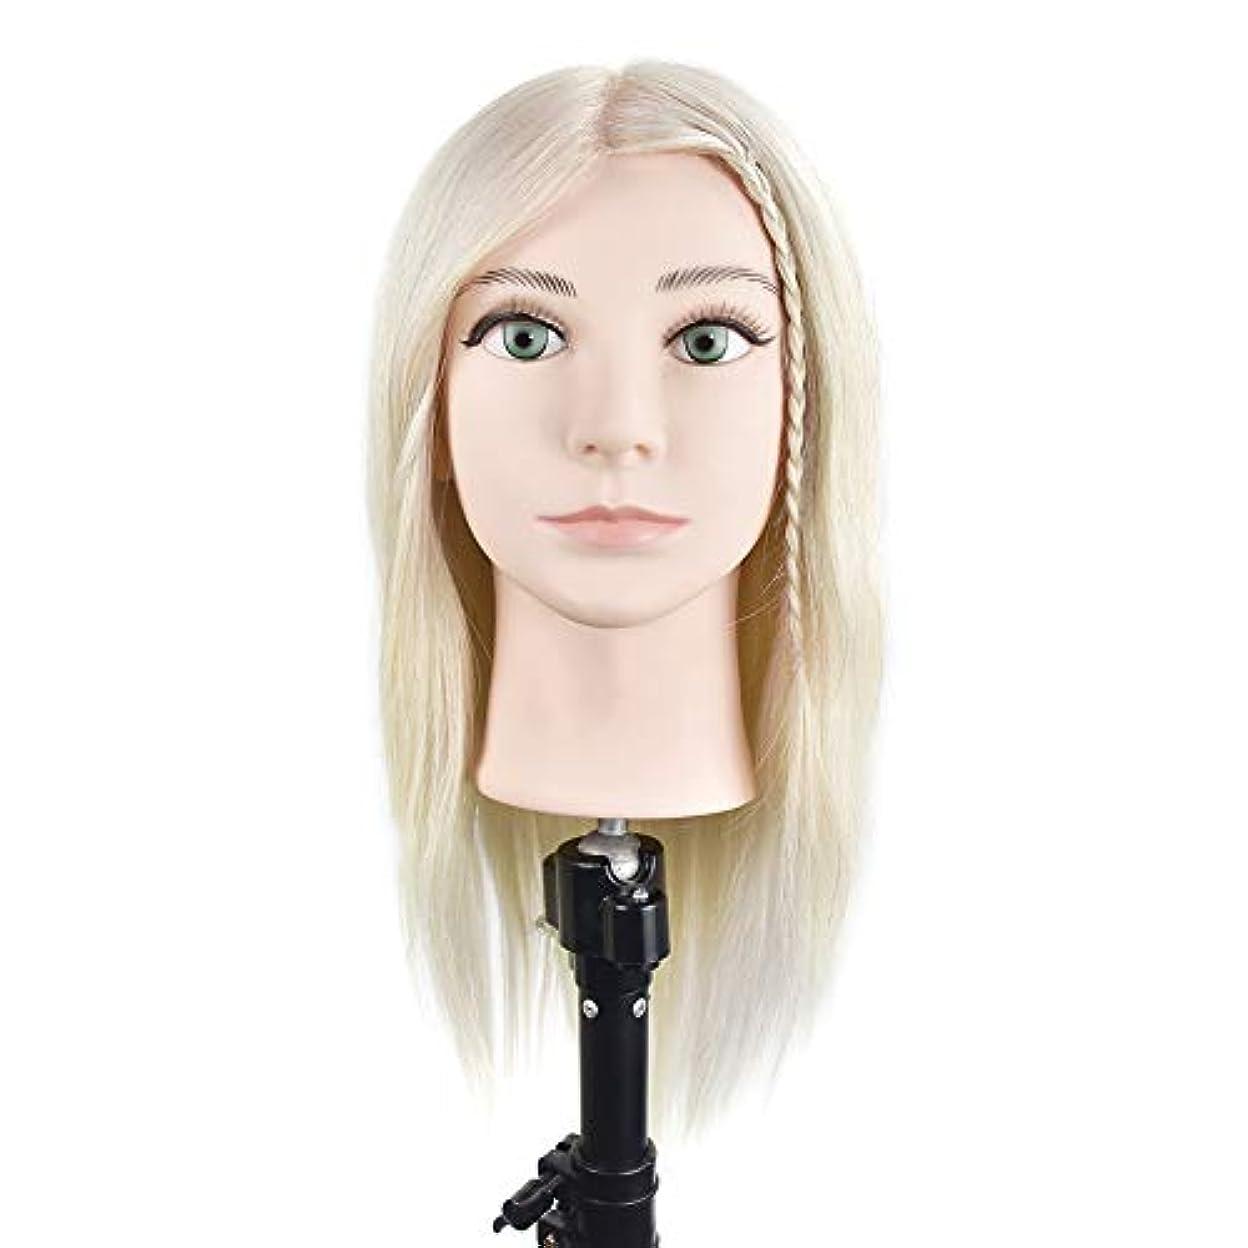 ボード破壊的な非アクティブ専門の練習ホット染色漂白はさみモデリングマネキン髪編組髪かつら女性モデルティーチングヘッド